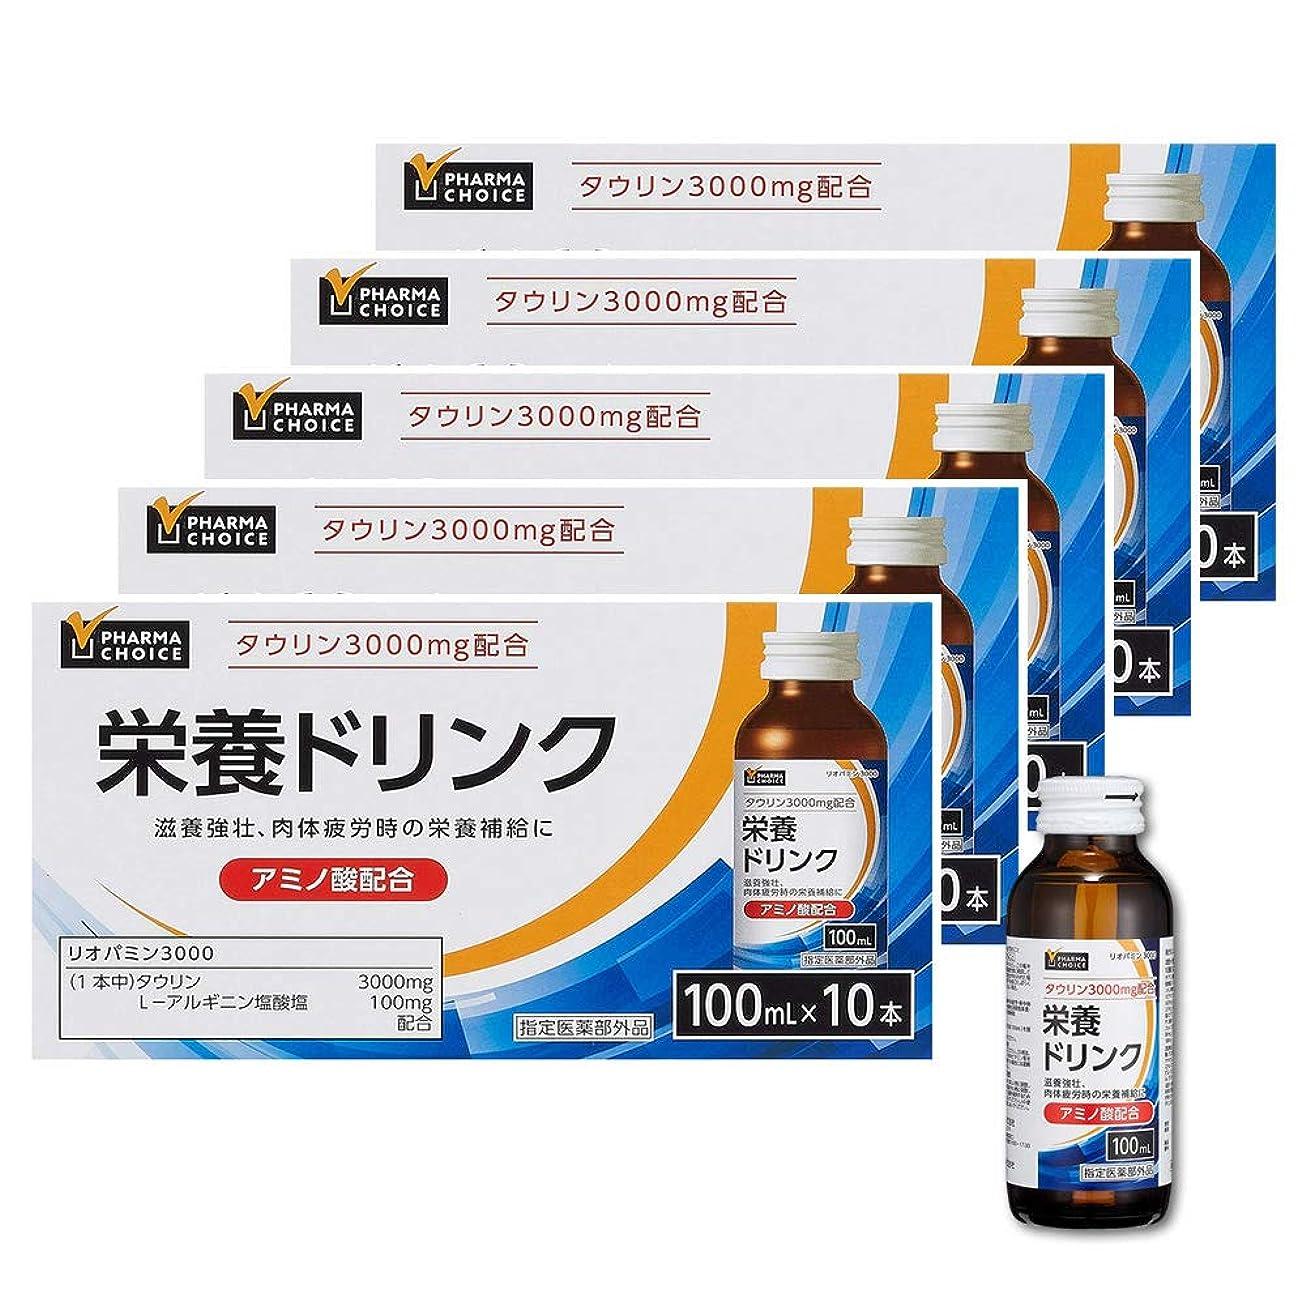 優先権歯バンド【第3類医薬品】シナールLホワイト エクシア 180錠